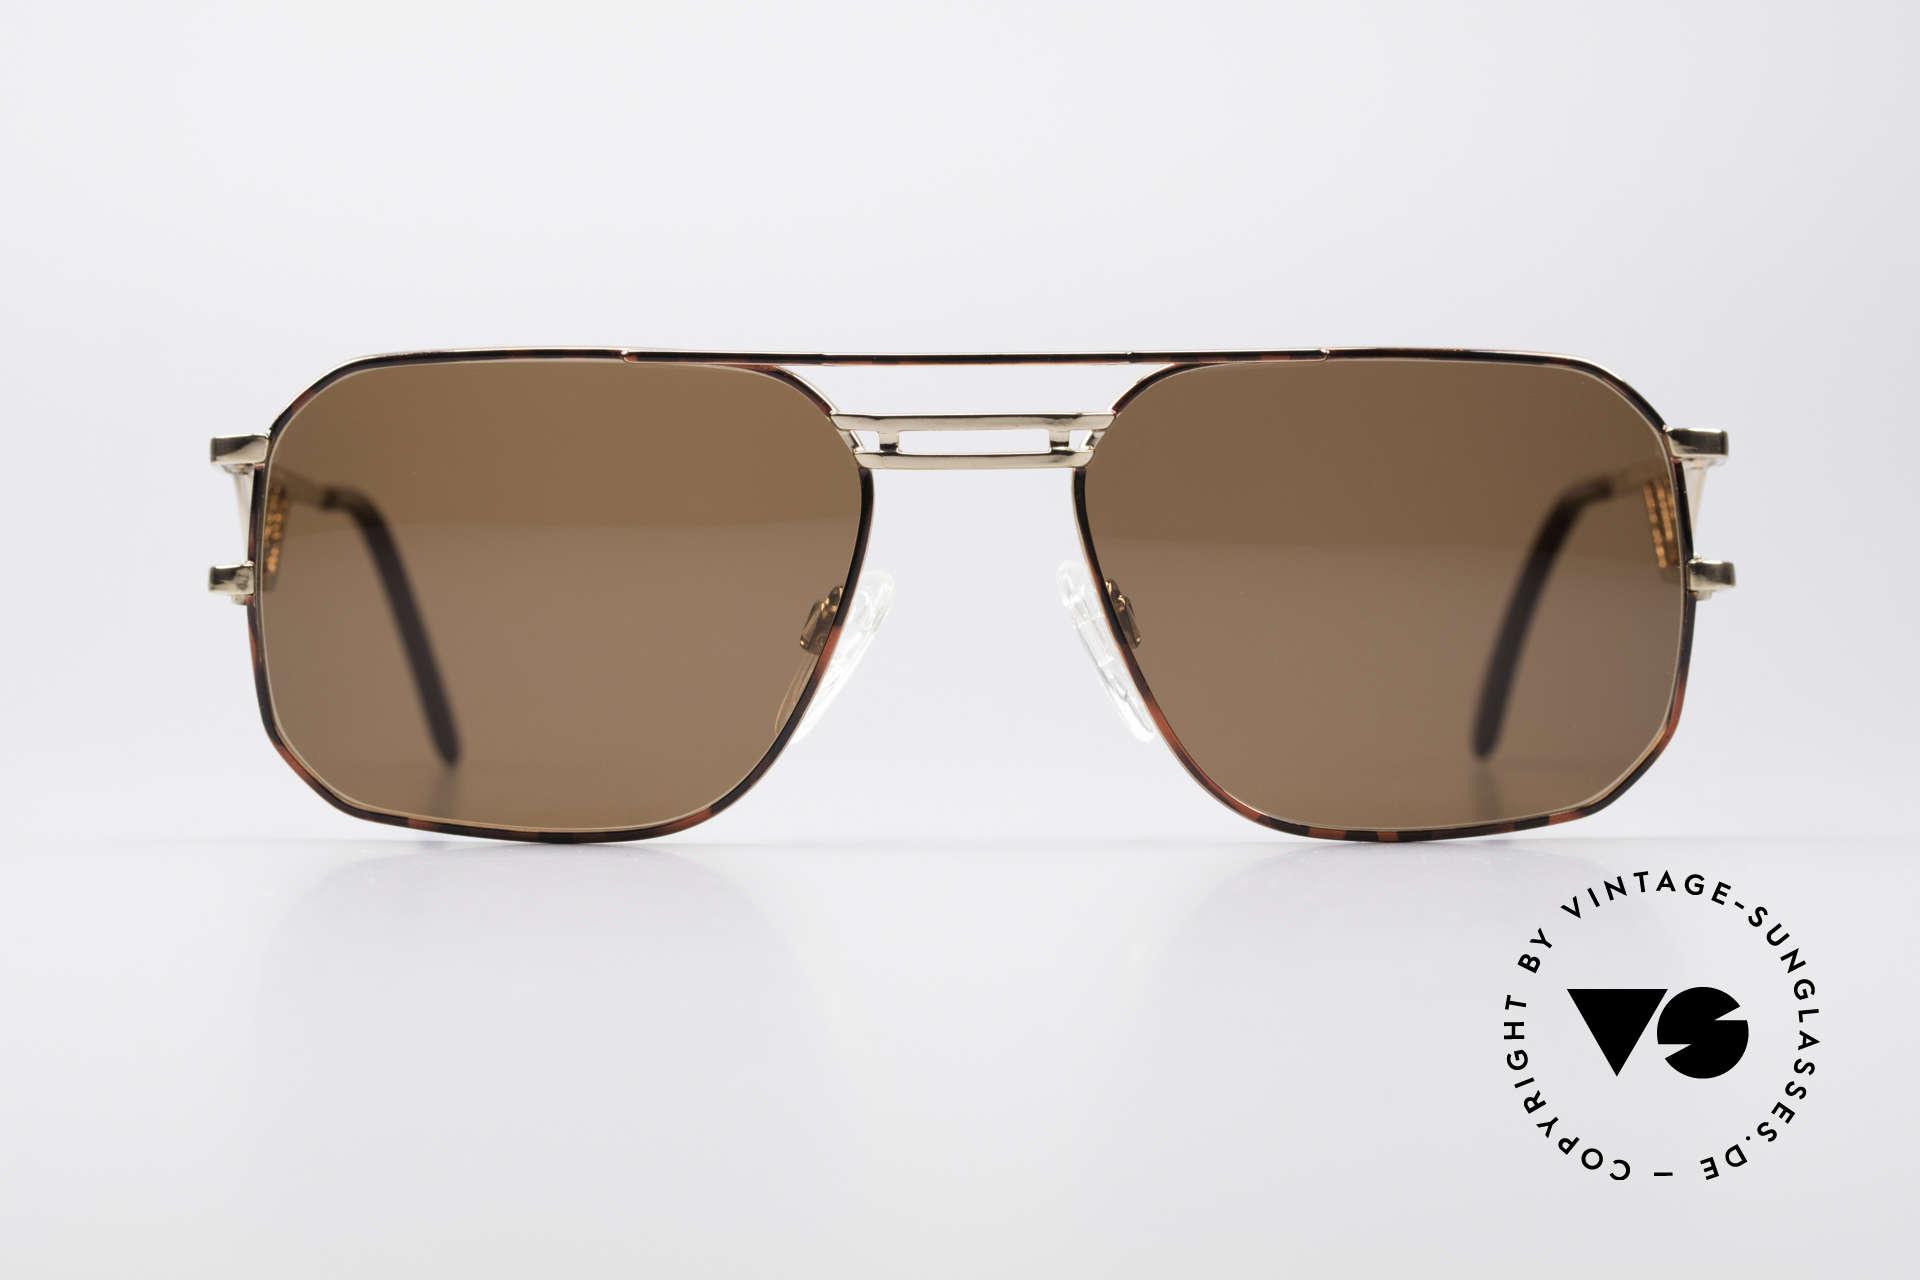 Neostyle Boutique 306 1980er Herren Sonnenbrille, sehr begehrtes Modell der BOUTIQUE-Serie, Passend für Herren